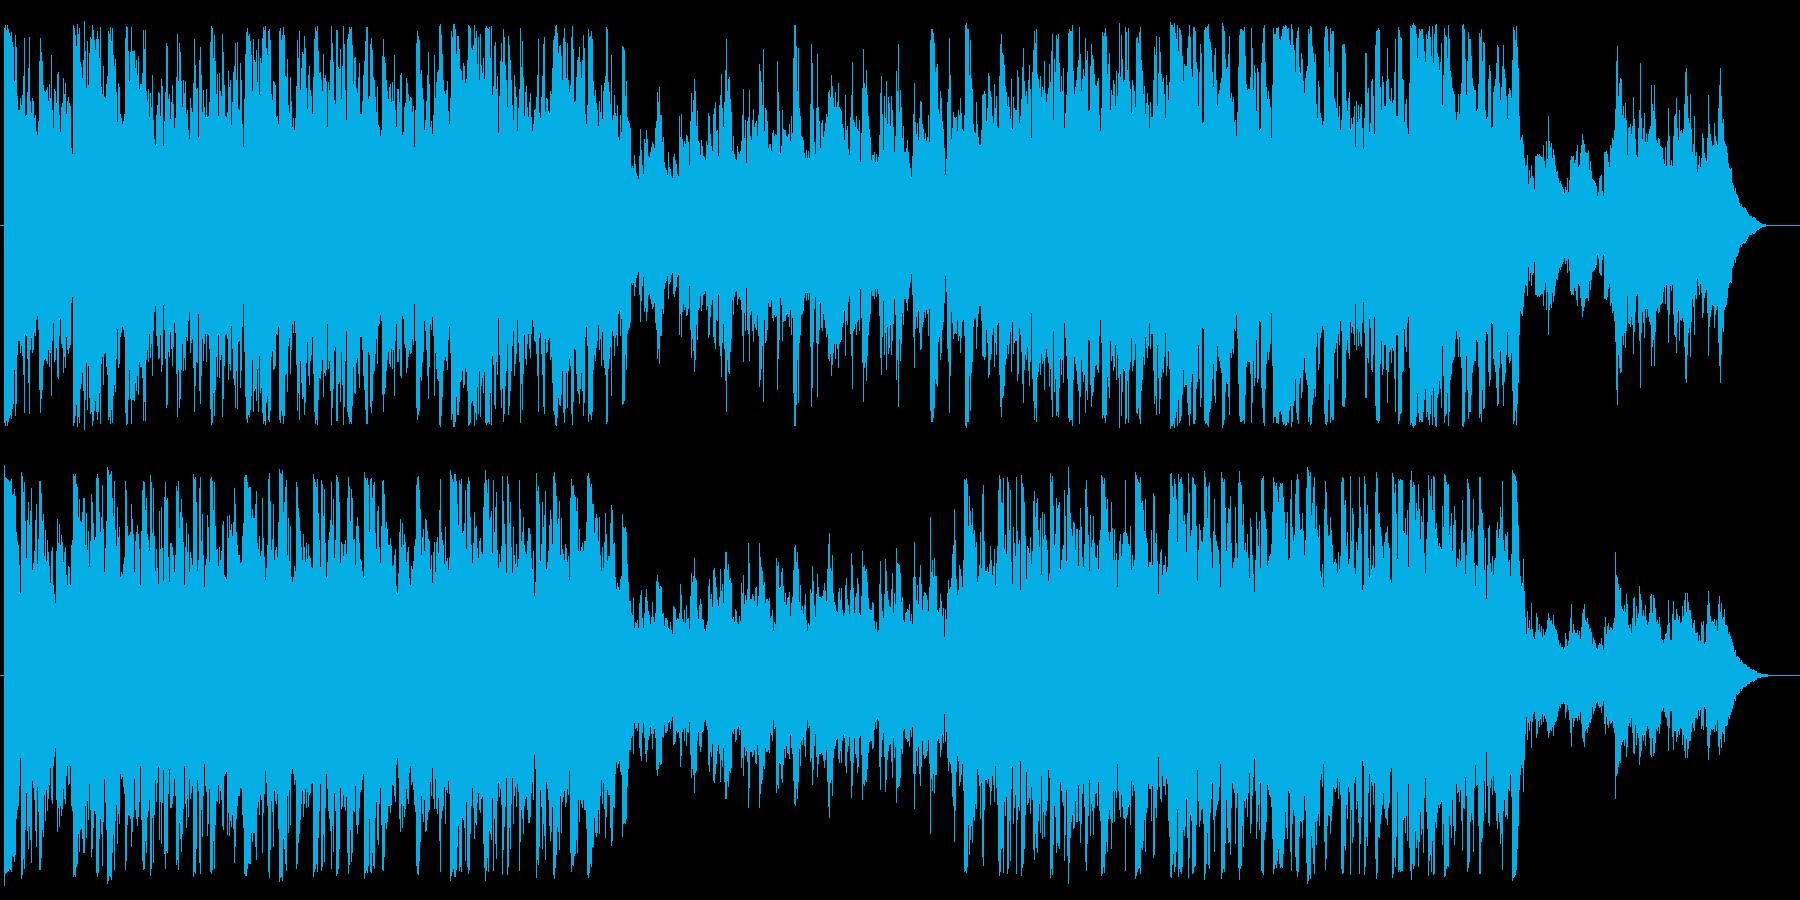 オーケストラ素材の再生済みの波形